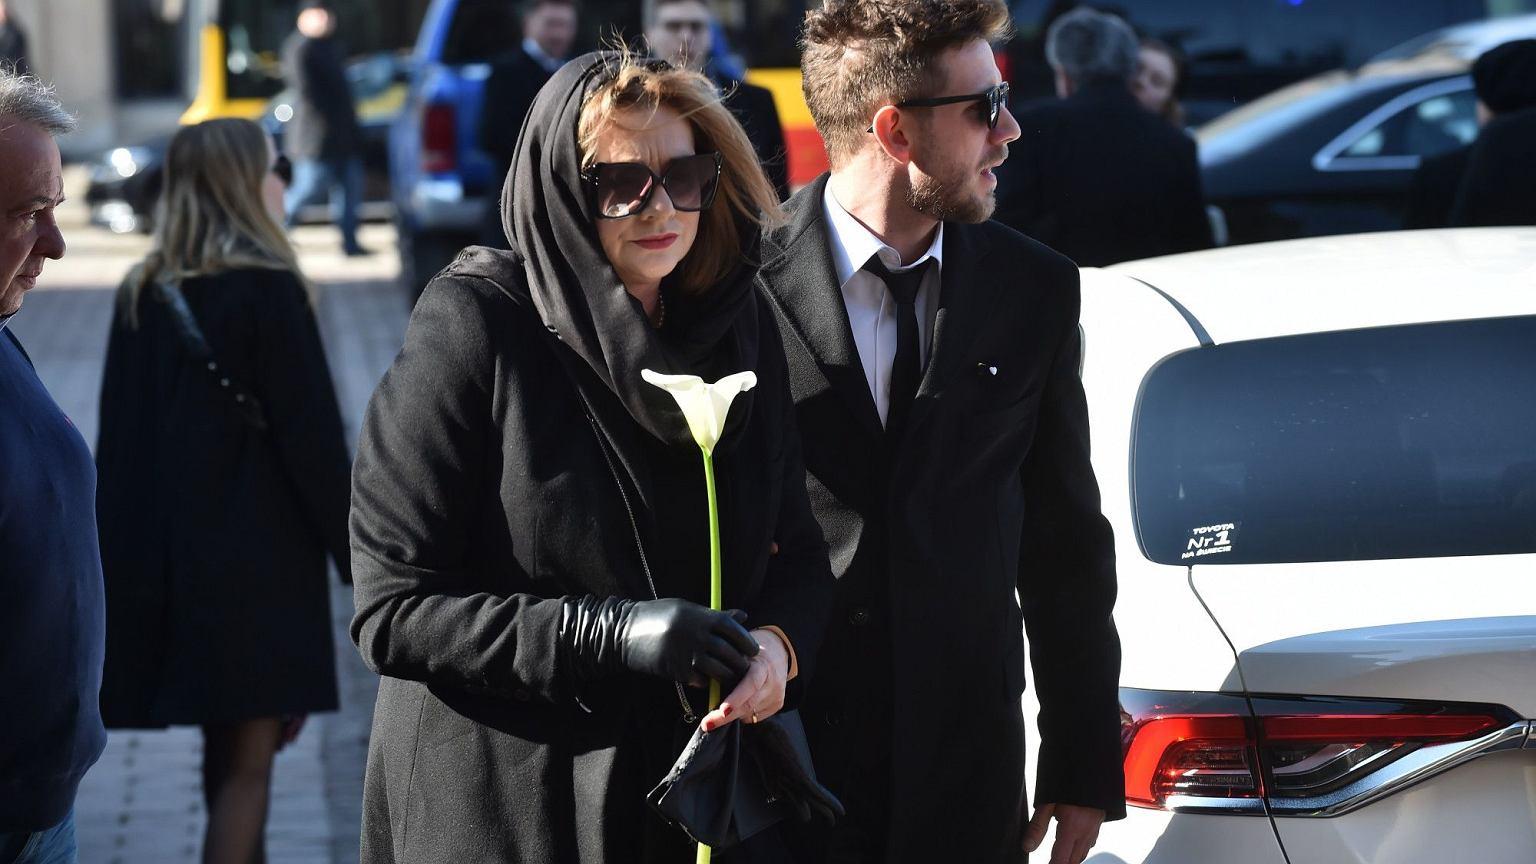 Pogrzeb Pawła Królikowskiego. Aktora żegnają prezydent Duda i rodzina